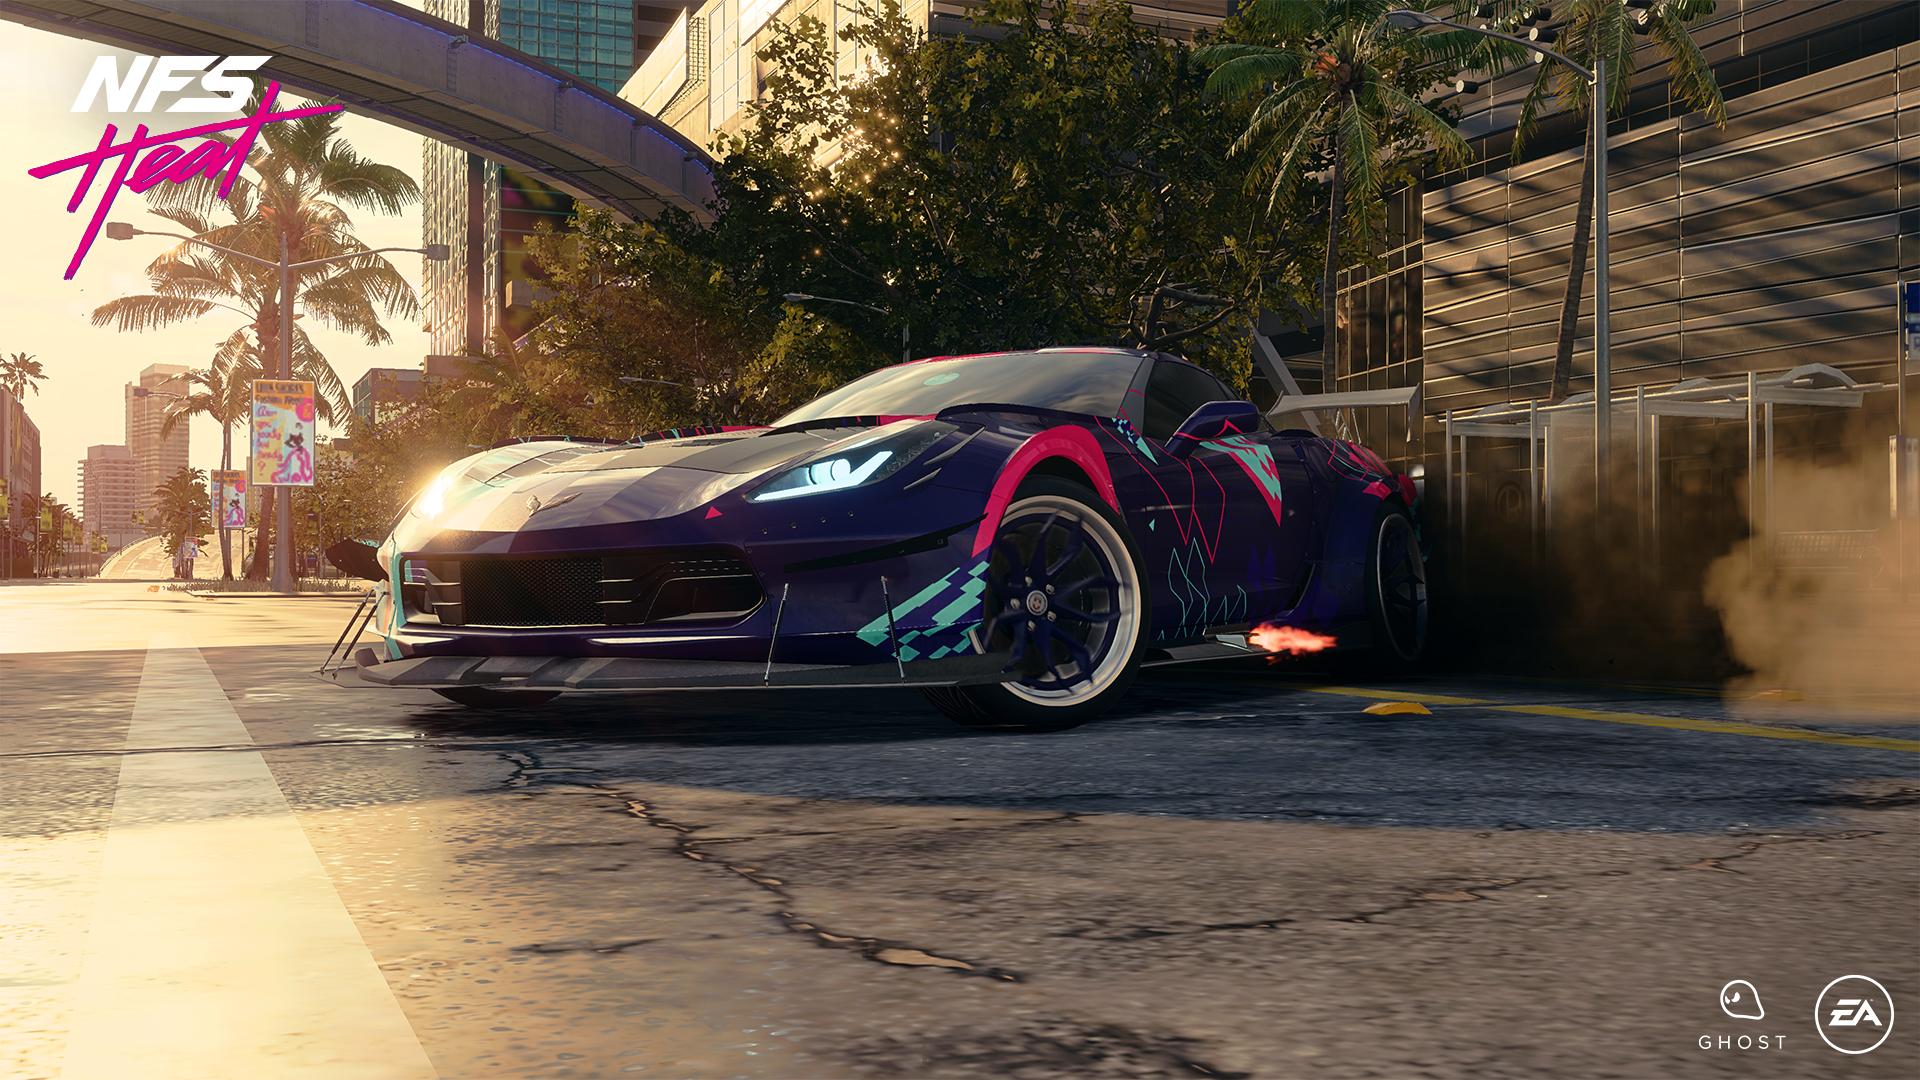 NFSHeat_Corvette.jpeg